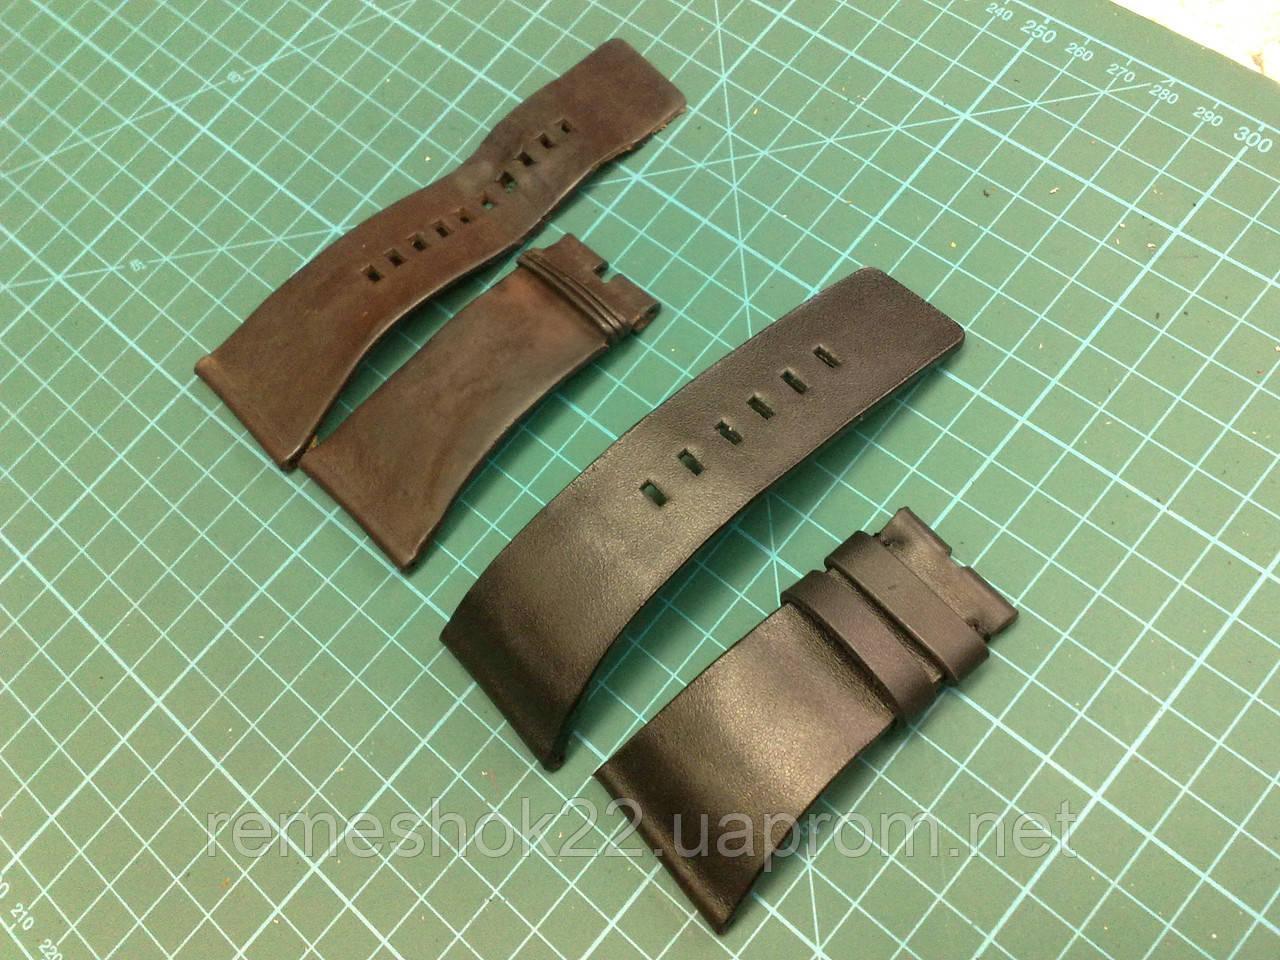 08bc9561 Ремешок для часов Fossil - ремонт сумок, портфелей ,чемоданов, обуви,  фурнитуры.